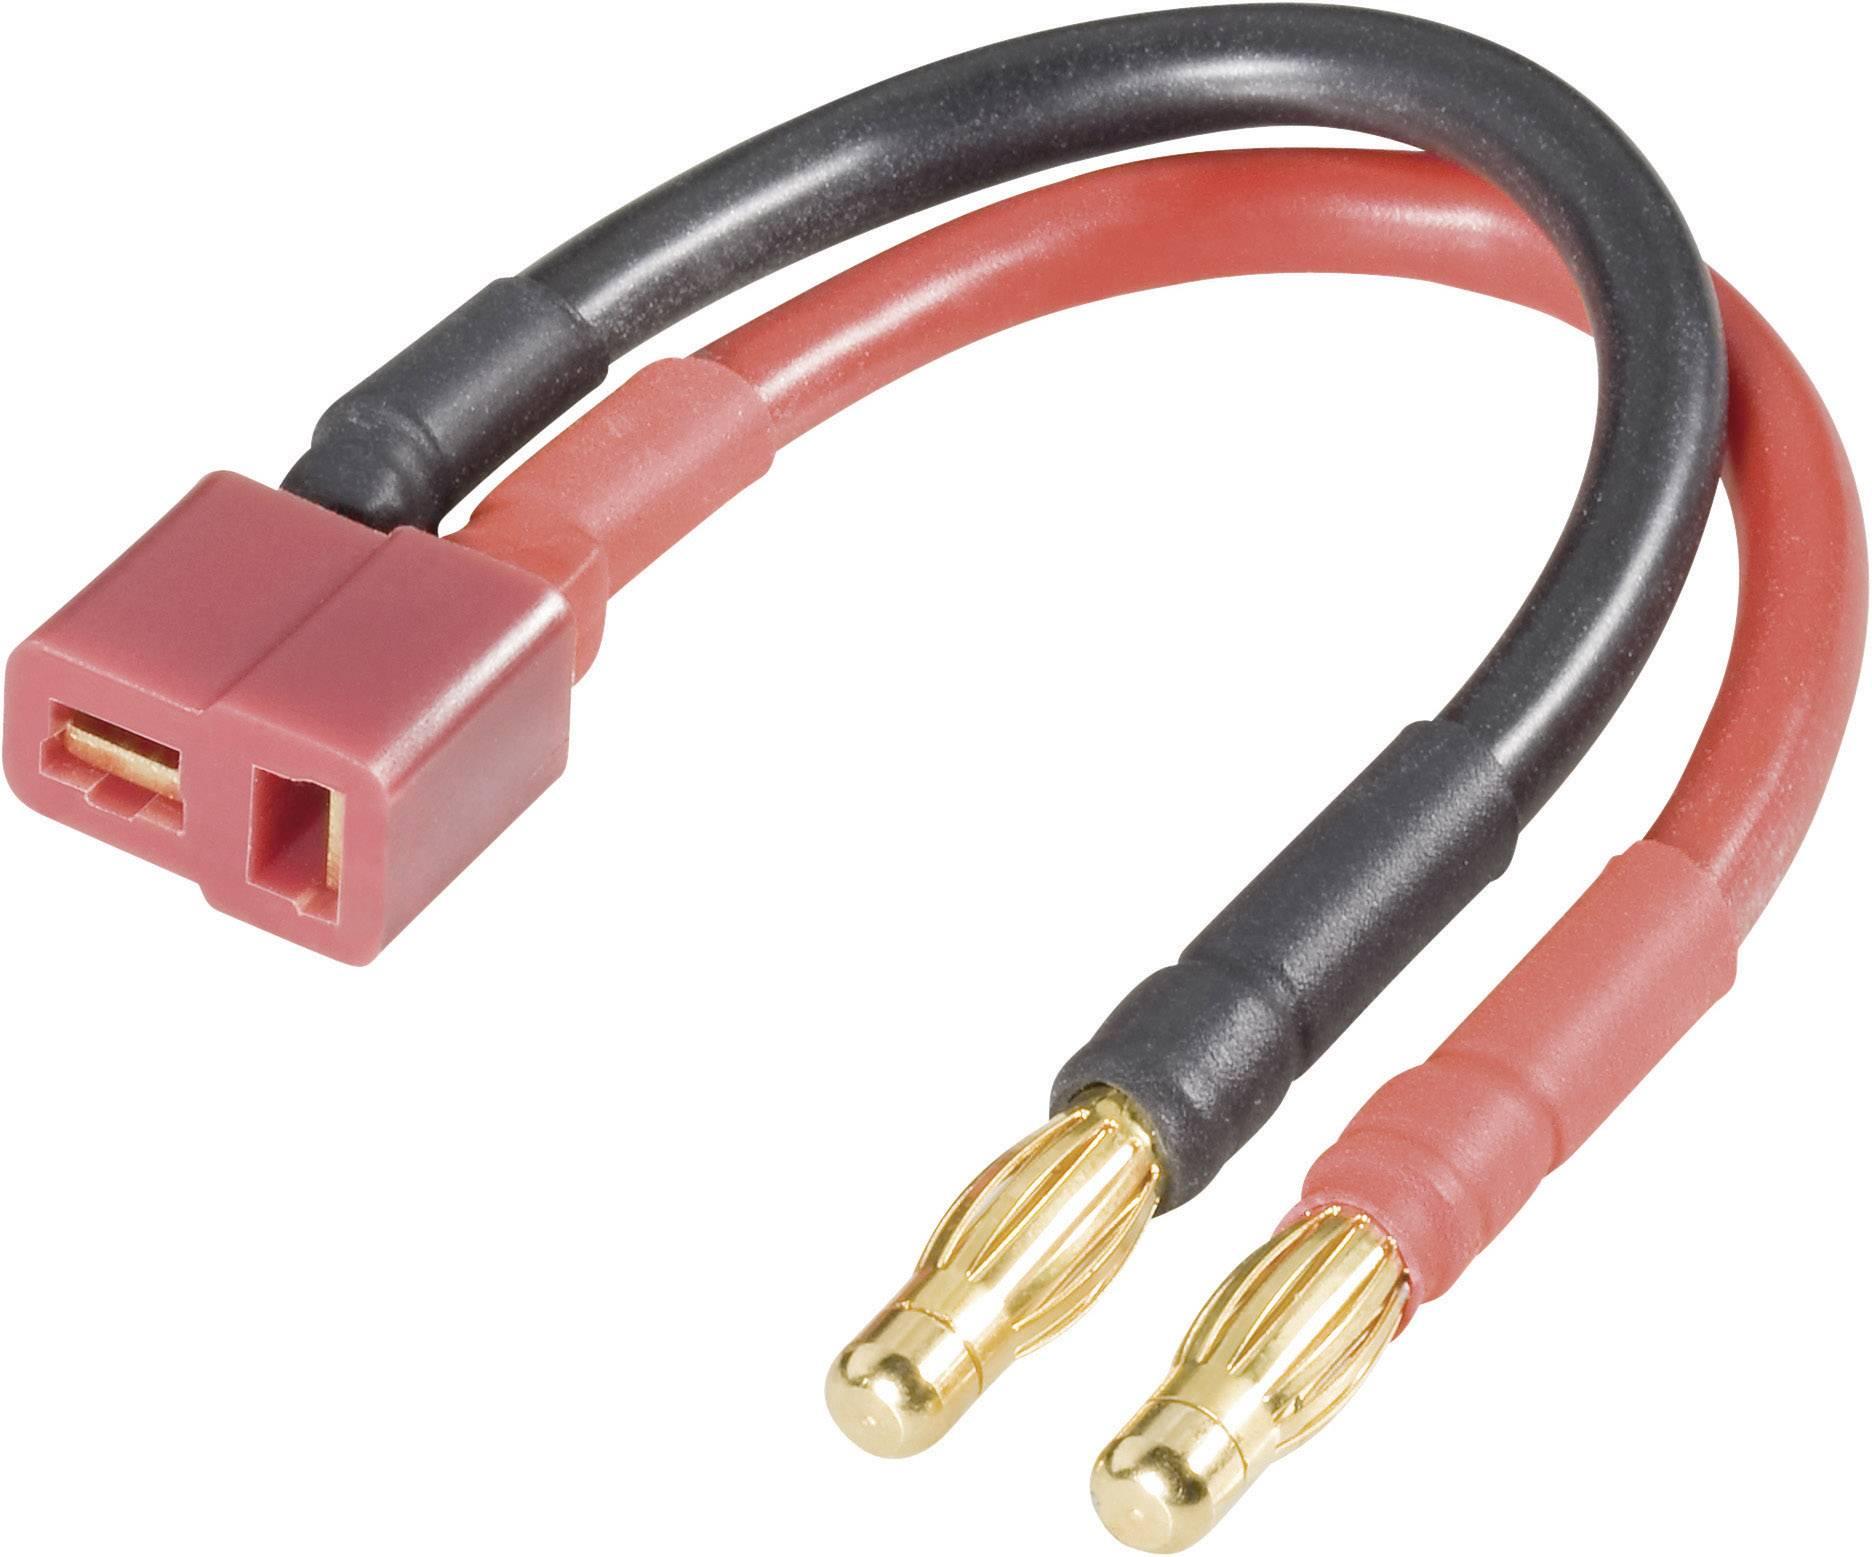 Kabely a konektory pro modelářství